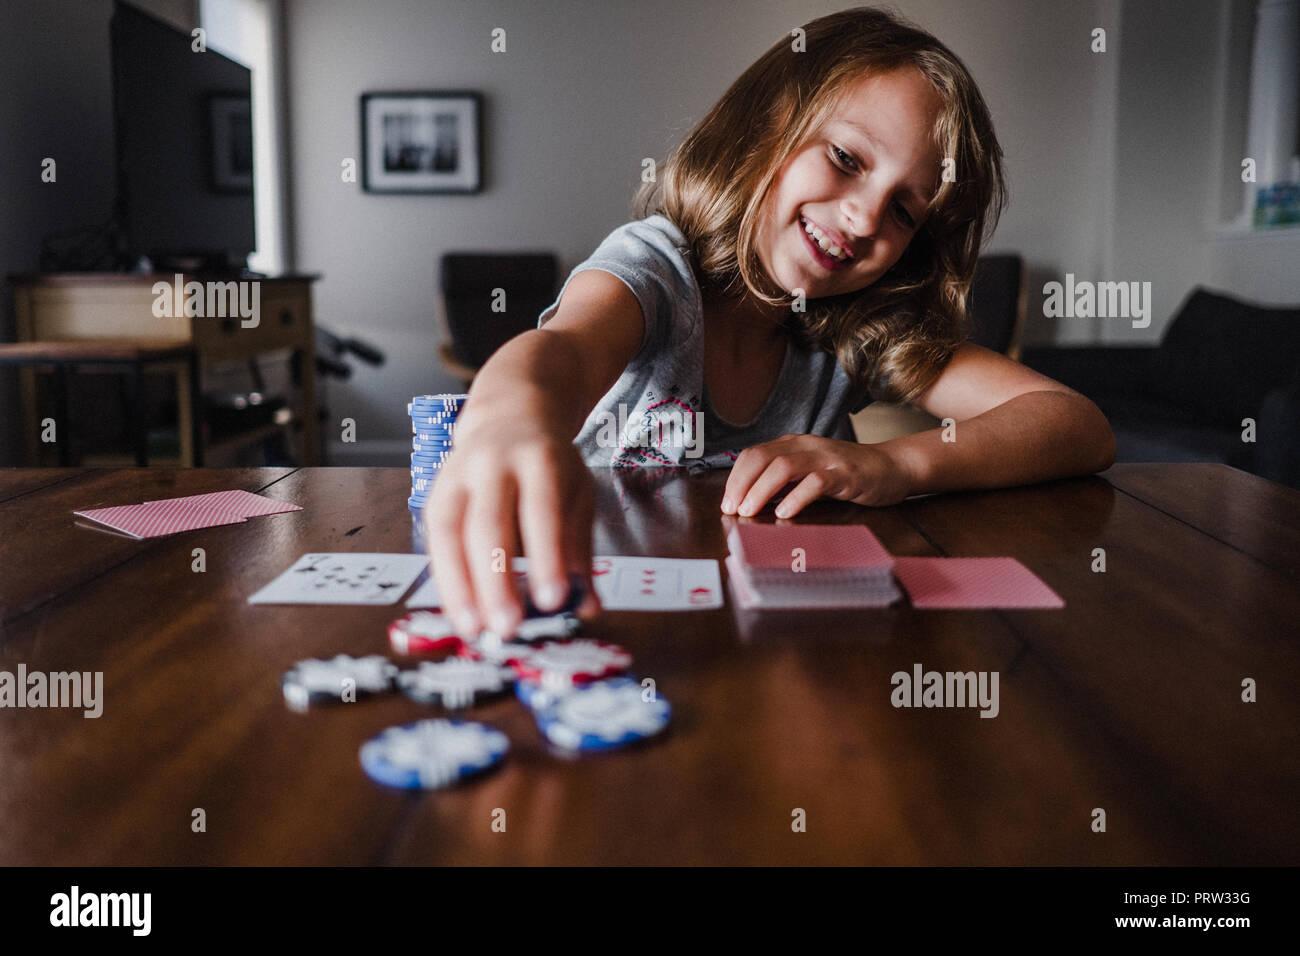 Chica jugando a las cartas en la mesa, colocando fichas de juego Imagen De Stock